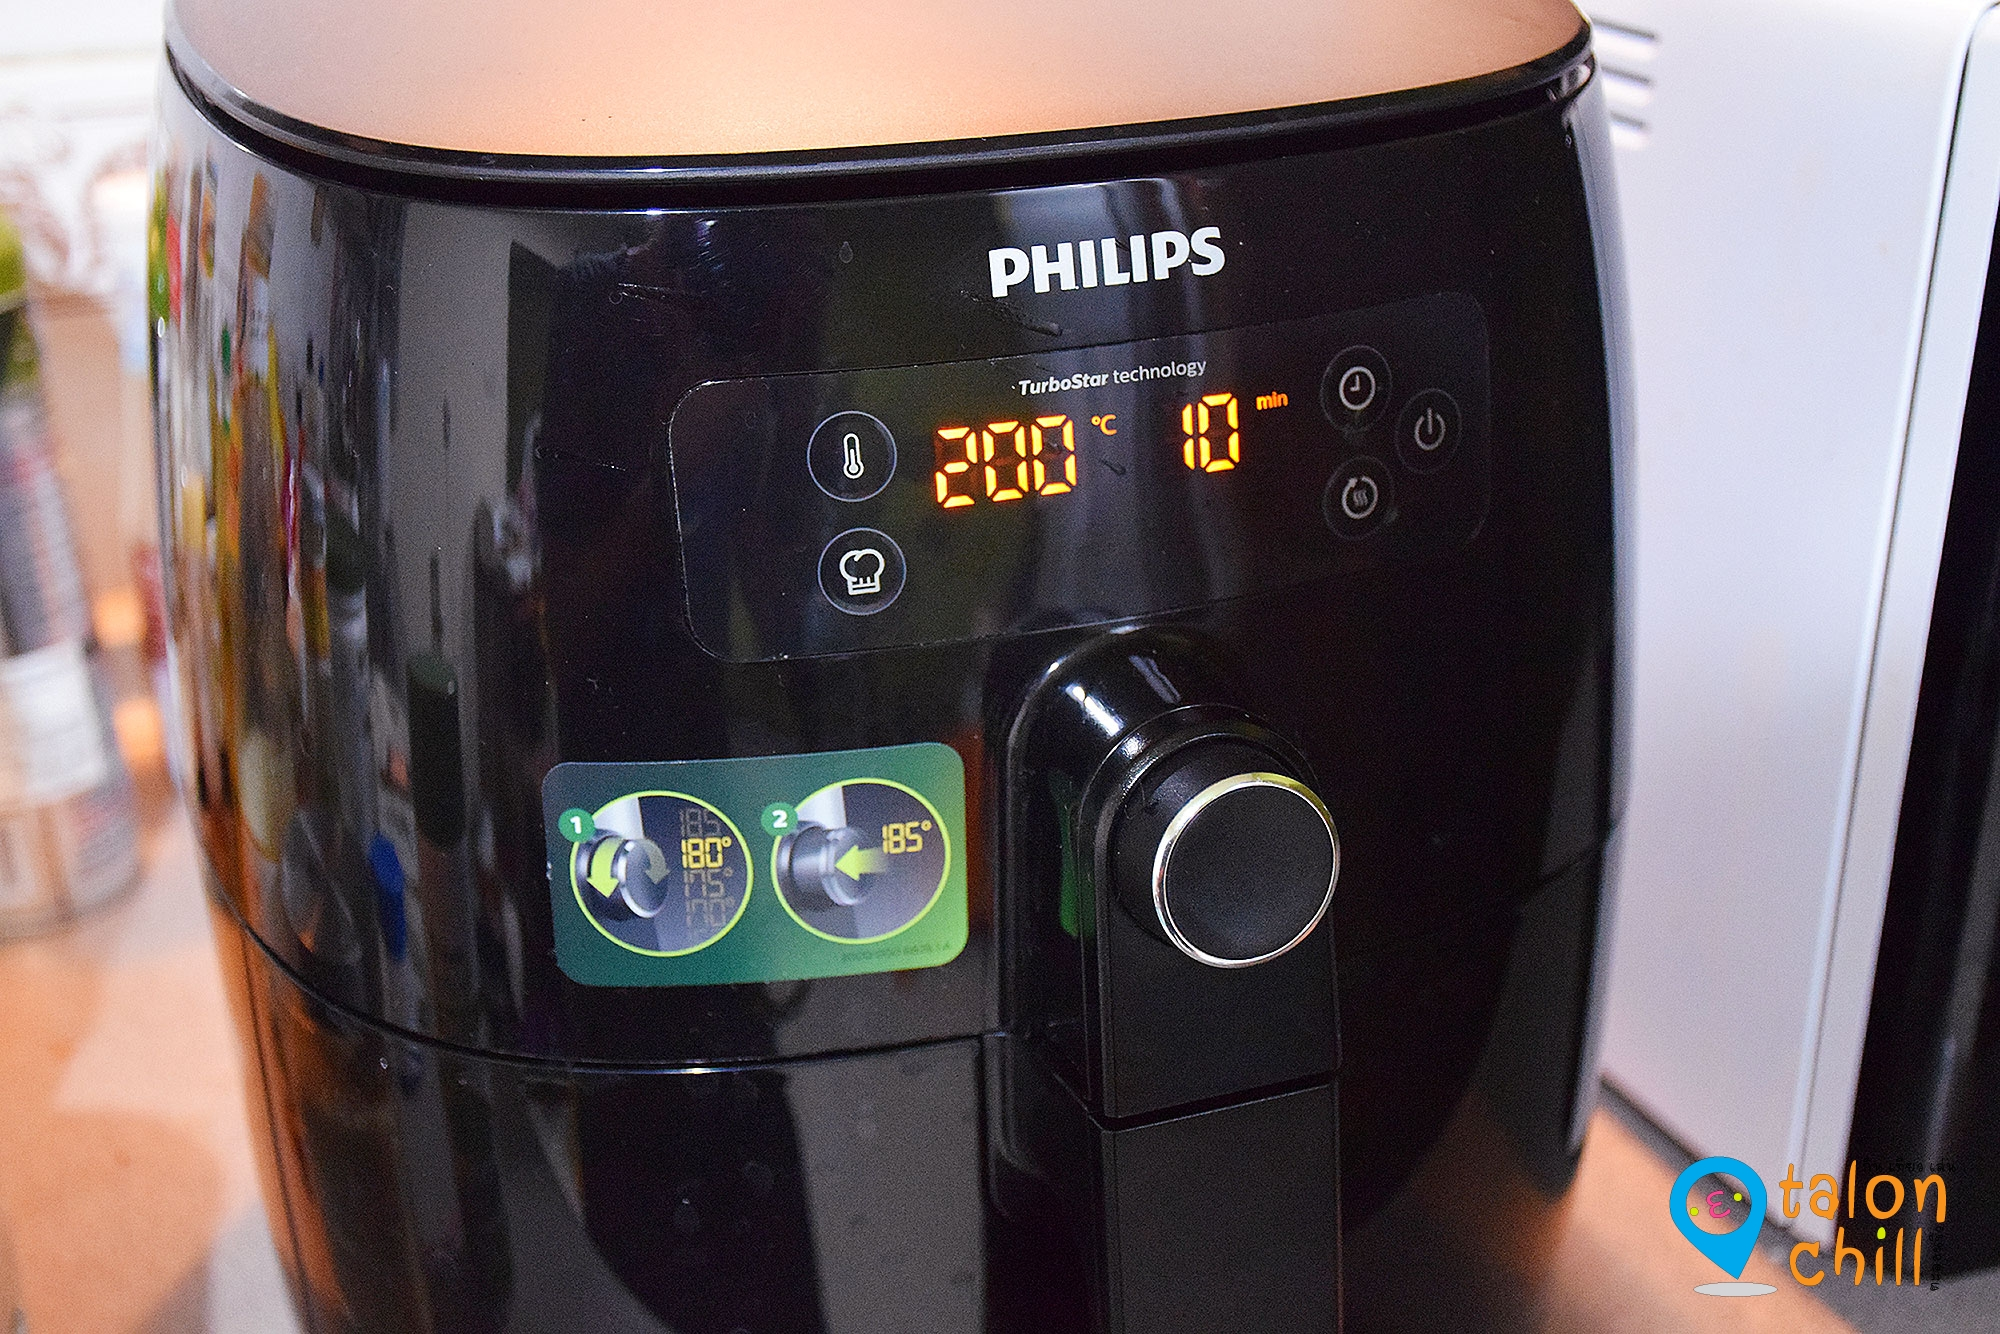 [แกะกล่องรีวิว] หม้อทอดฟิลิปส์ Philips Airfryer ทอดอร่อย สุขภาพดี ไม่เติมน้ำมัน #sponsoredreview